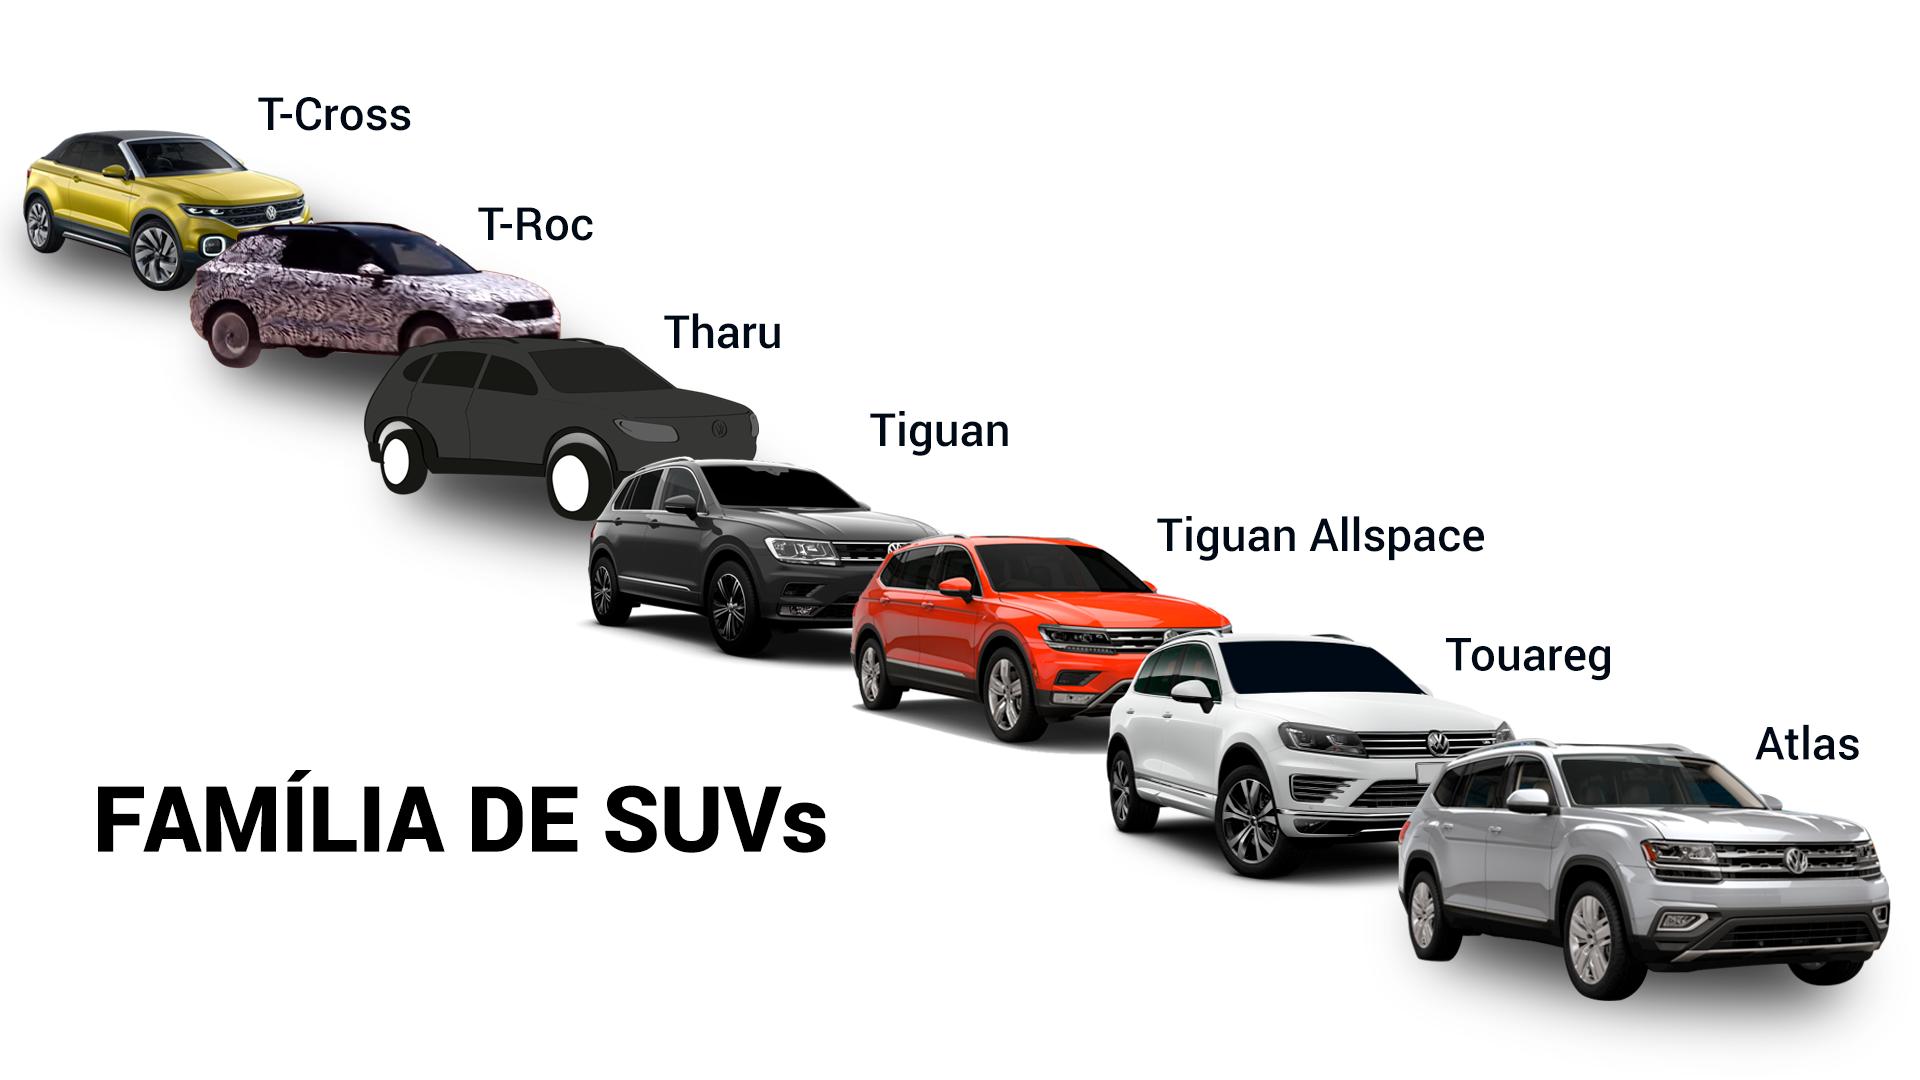 Família de SUVs da VW, que inclui o Tharu